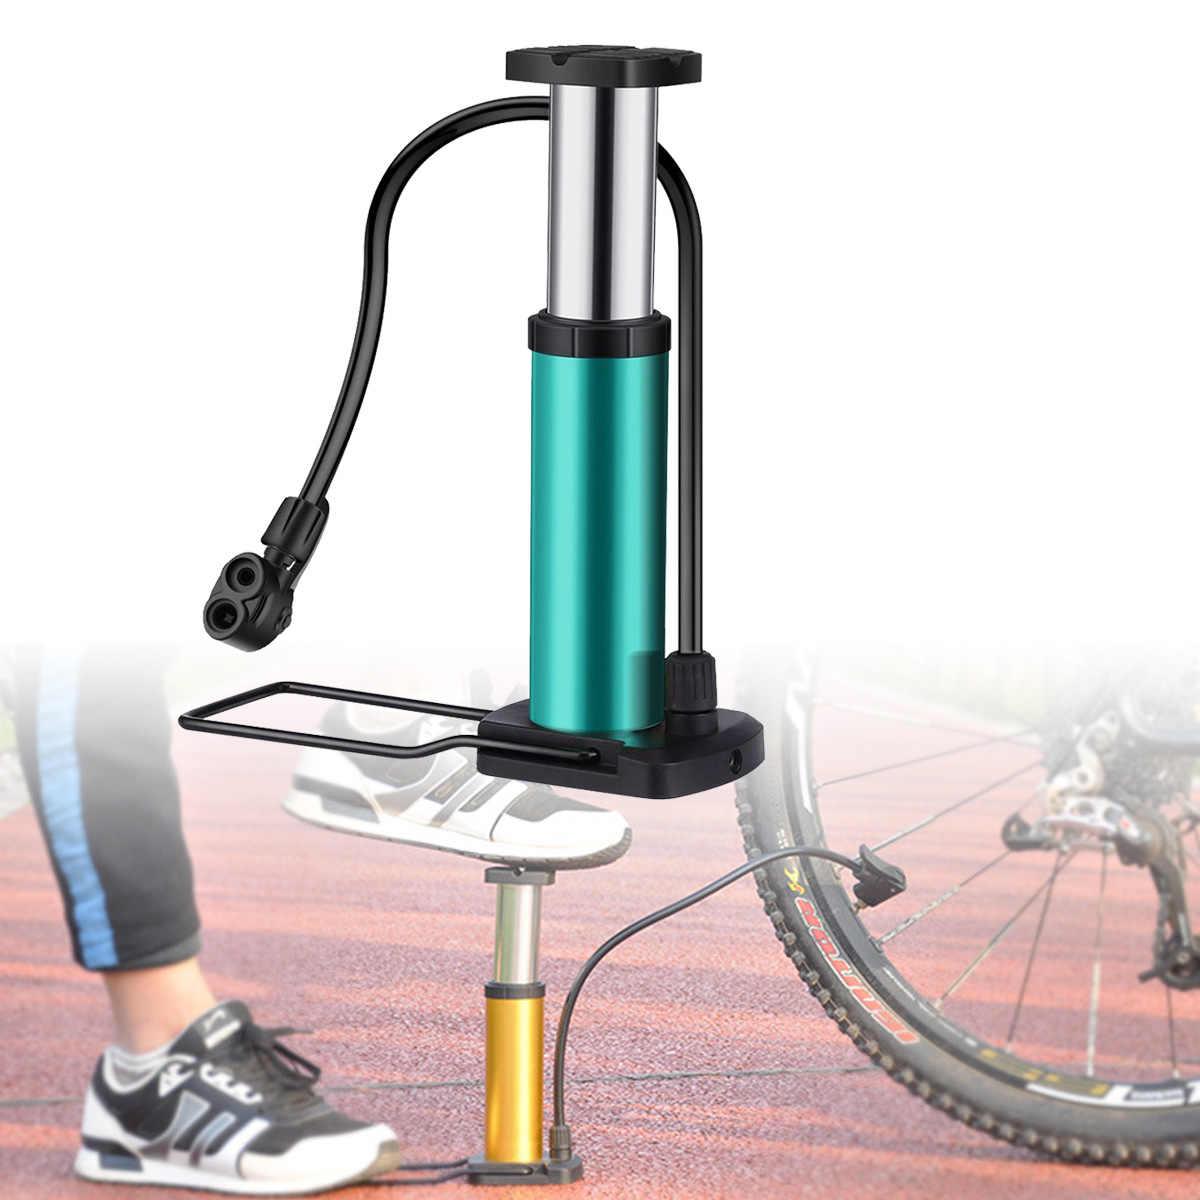 Sews-vélo pompe Mini vélo pompe de sol pied activé vélo pompe à Air et en alliage d'aluminium Portable vélo pompe VTT pneu P